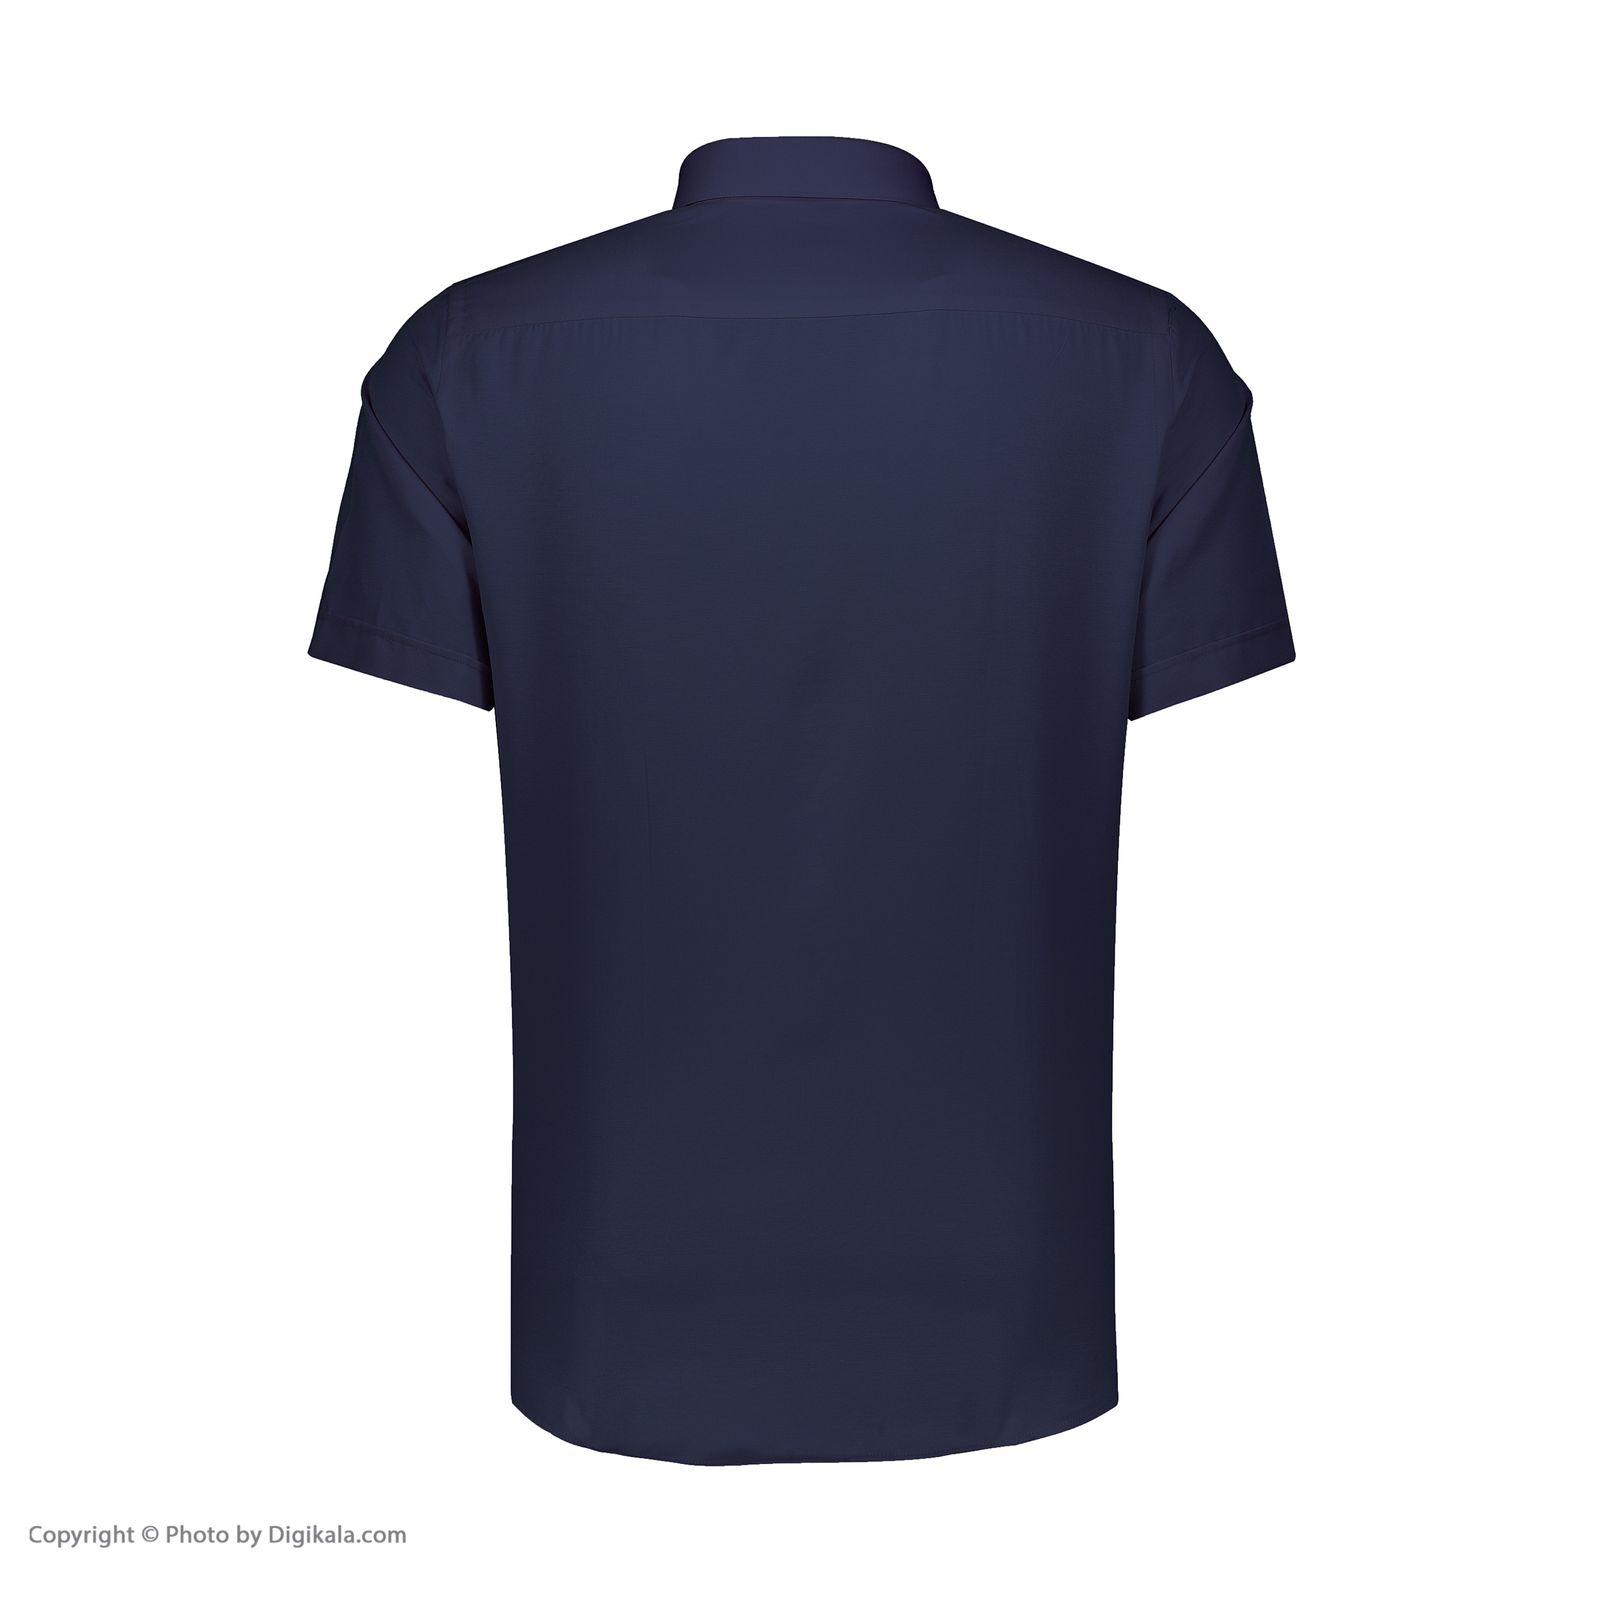 پیراهن مردانه زی مدل 153119759 -  - 3